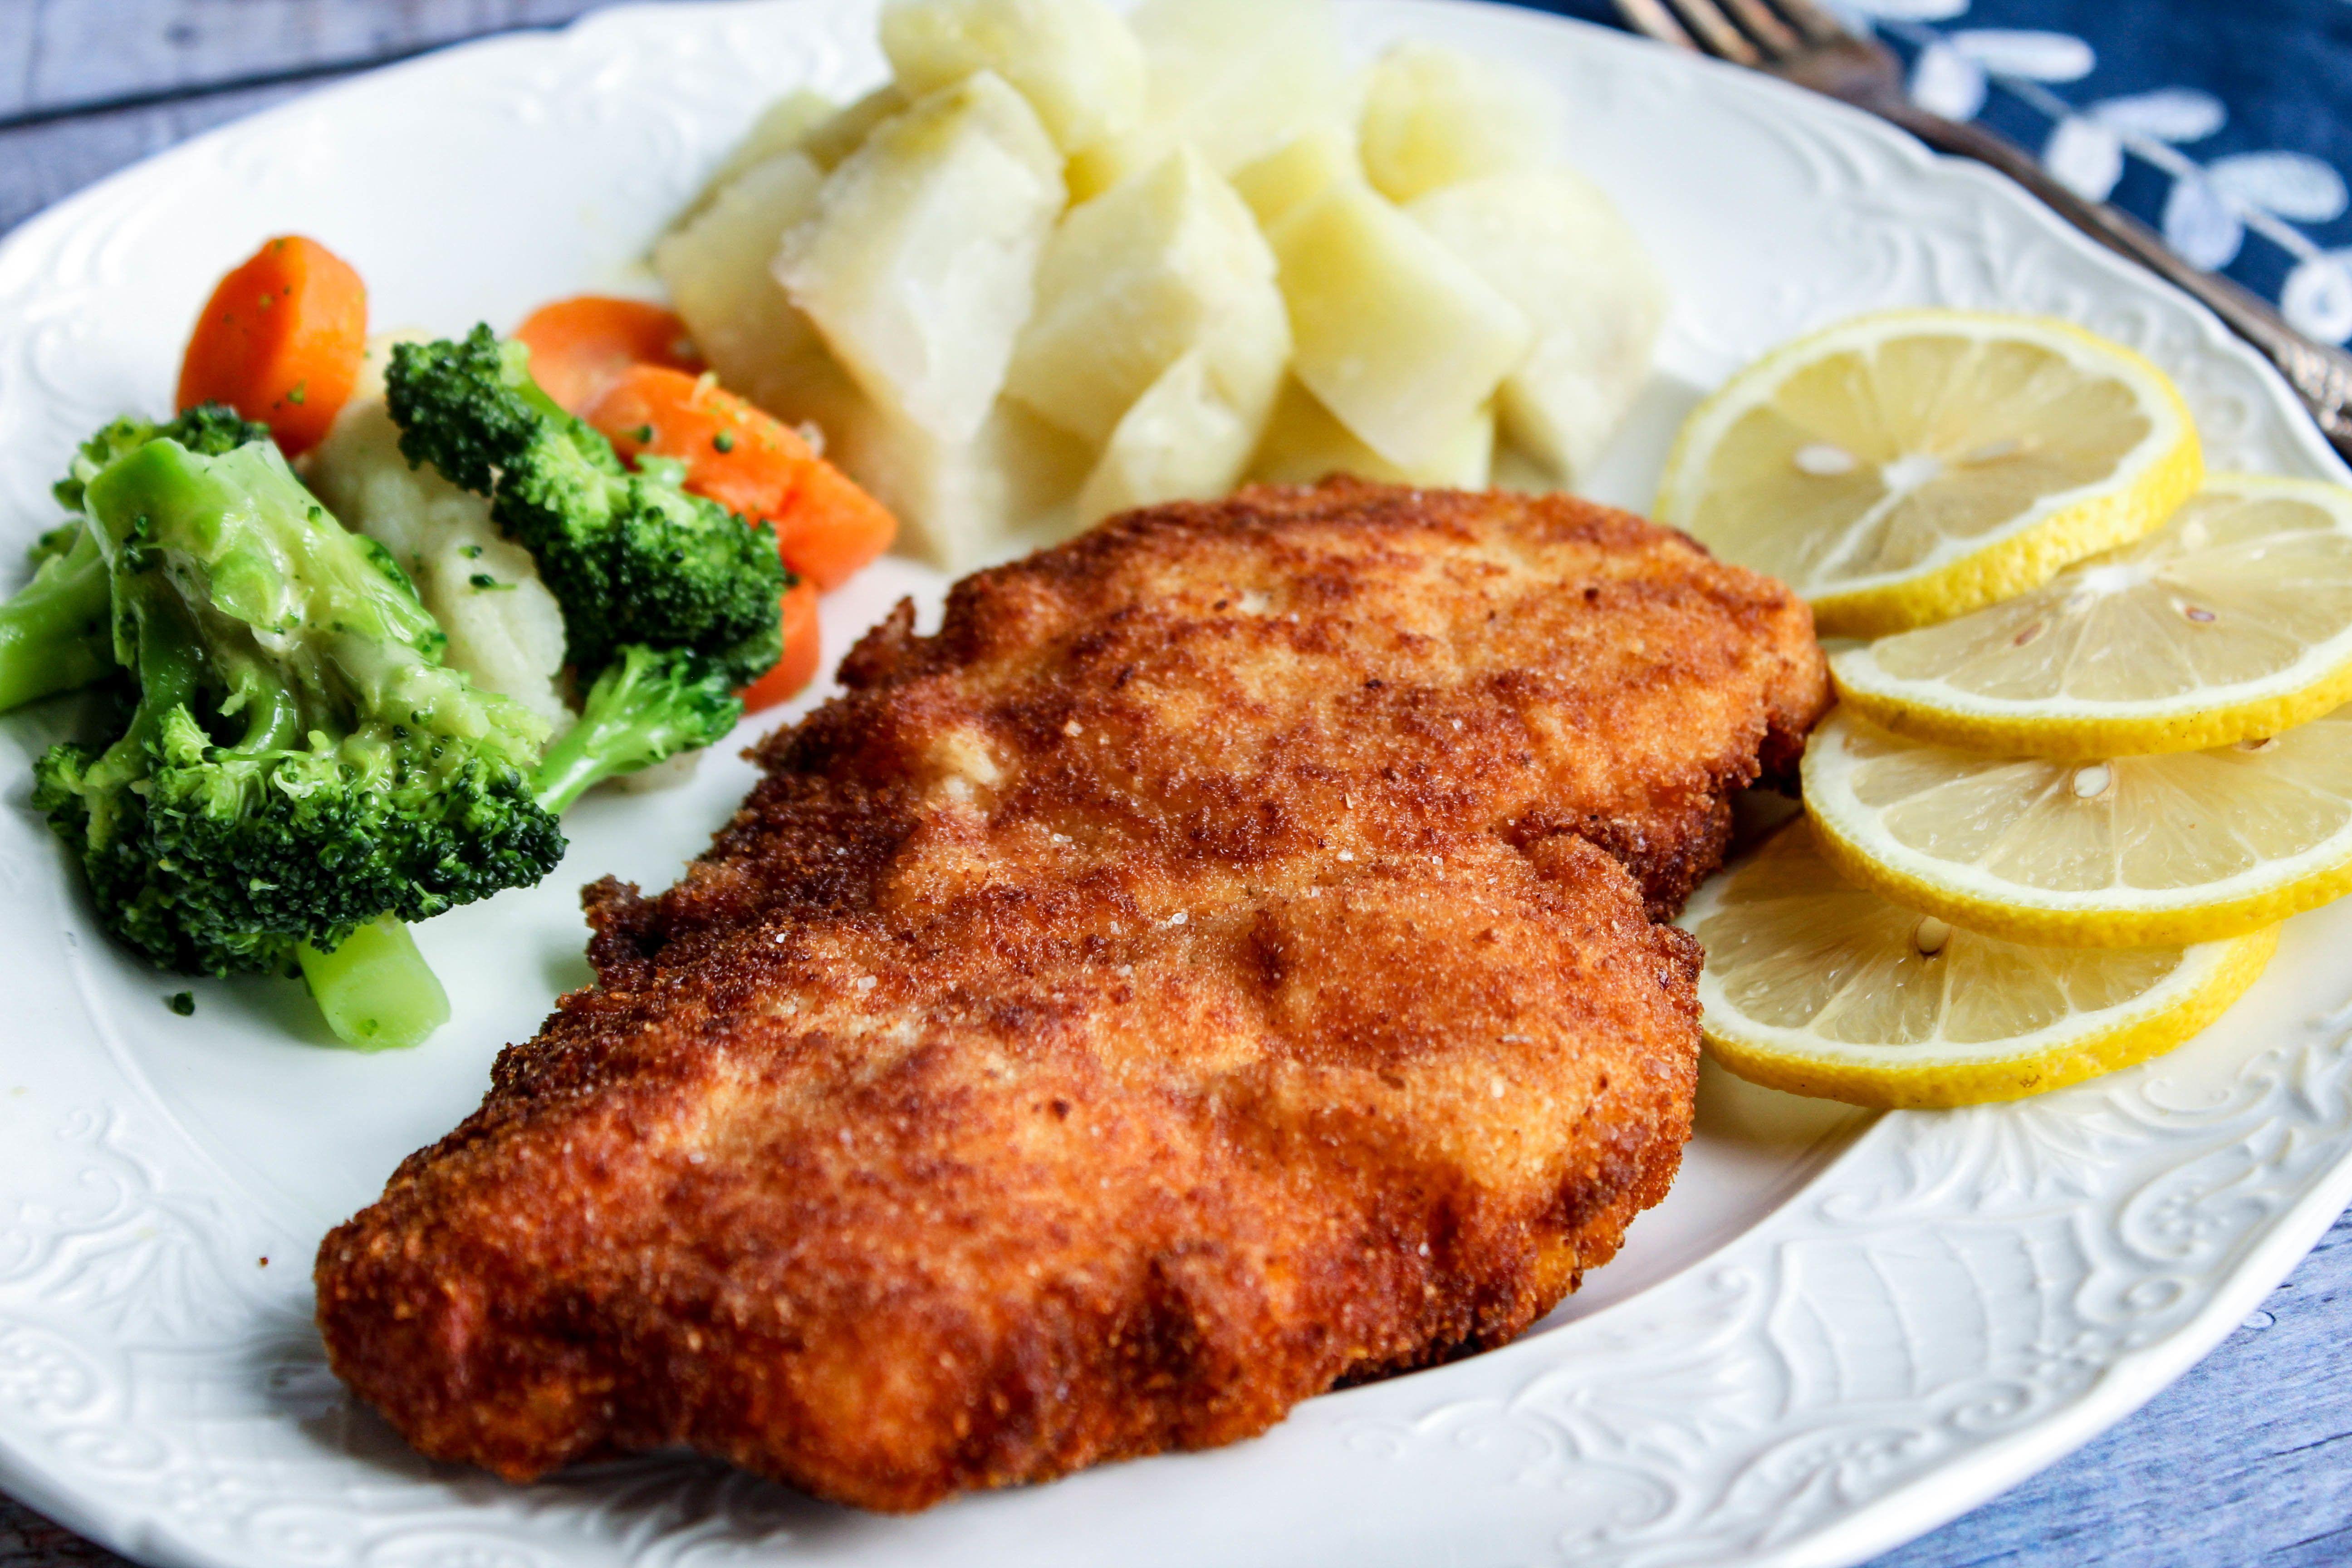 Austrian Schnitzel With Chicken Recipe Schnitzel Recipes Classic Chicken Recipe Recipes